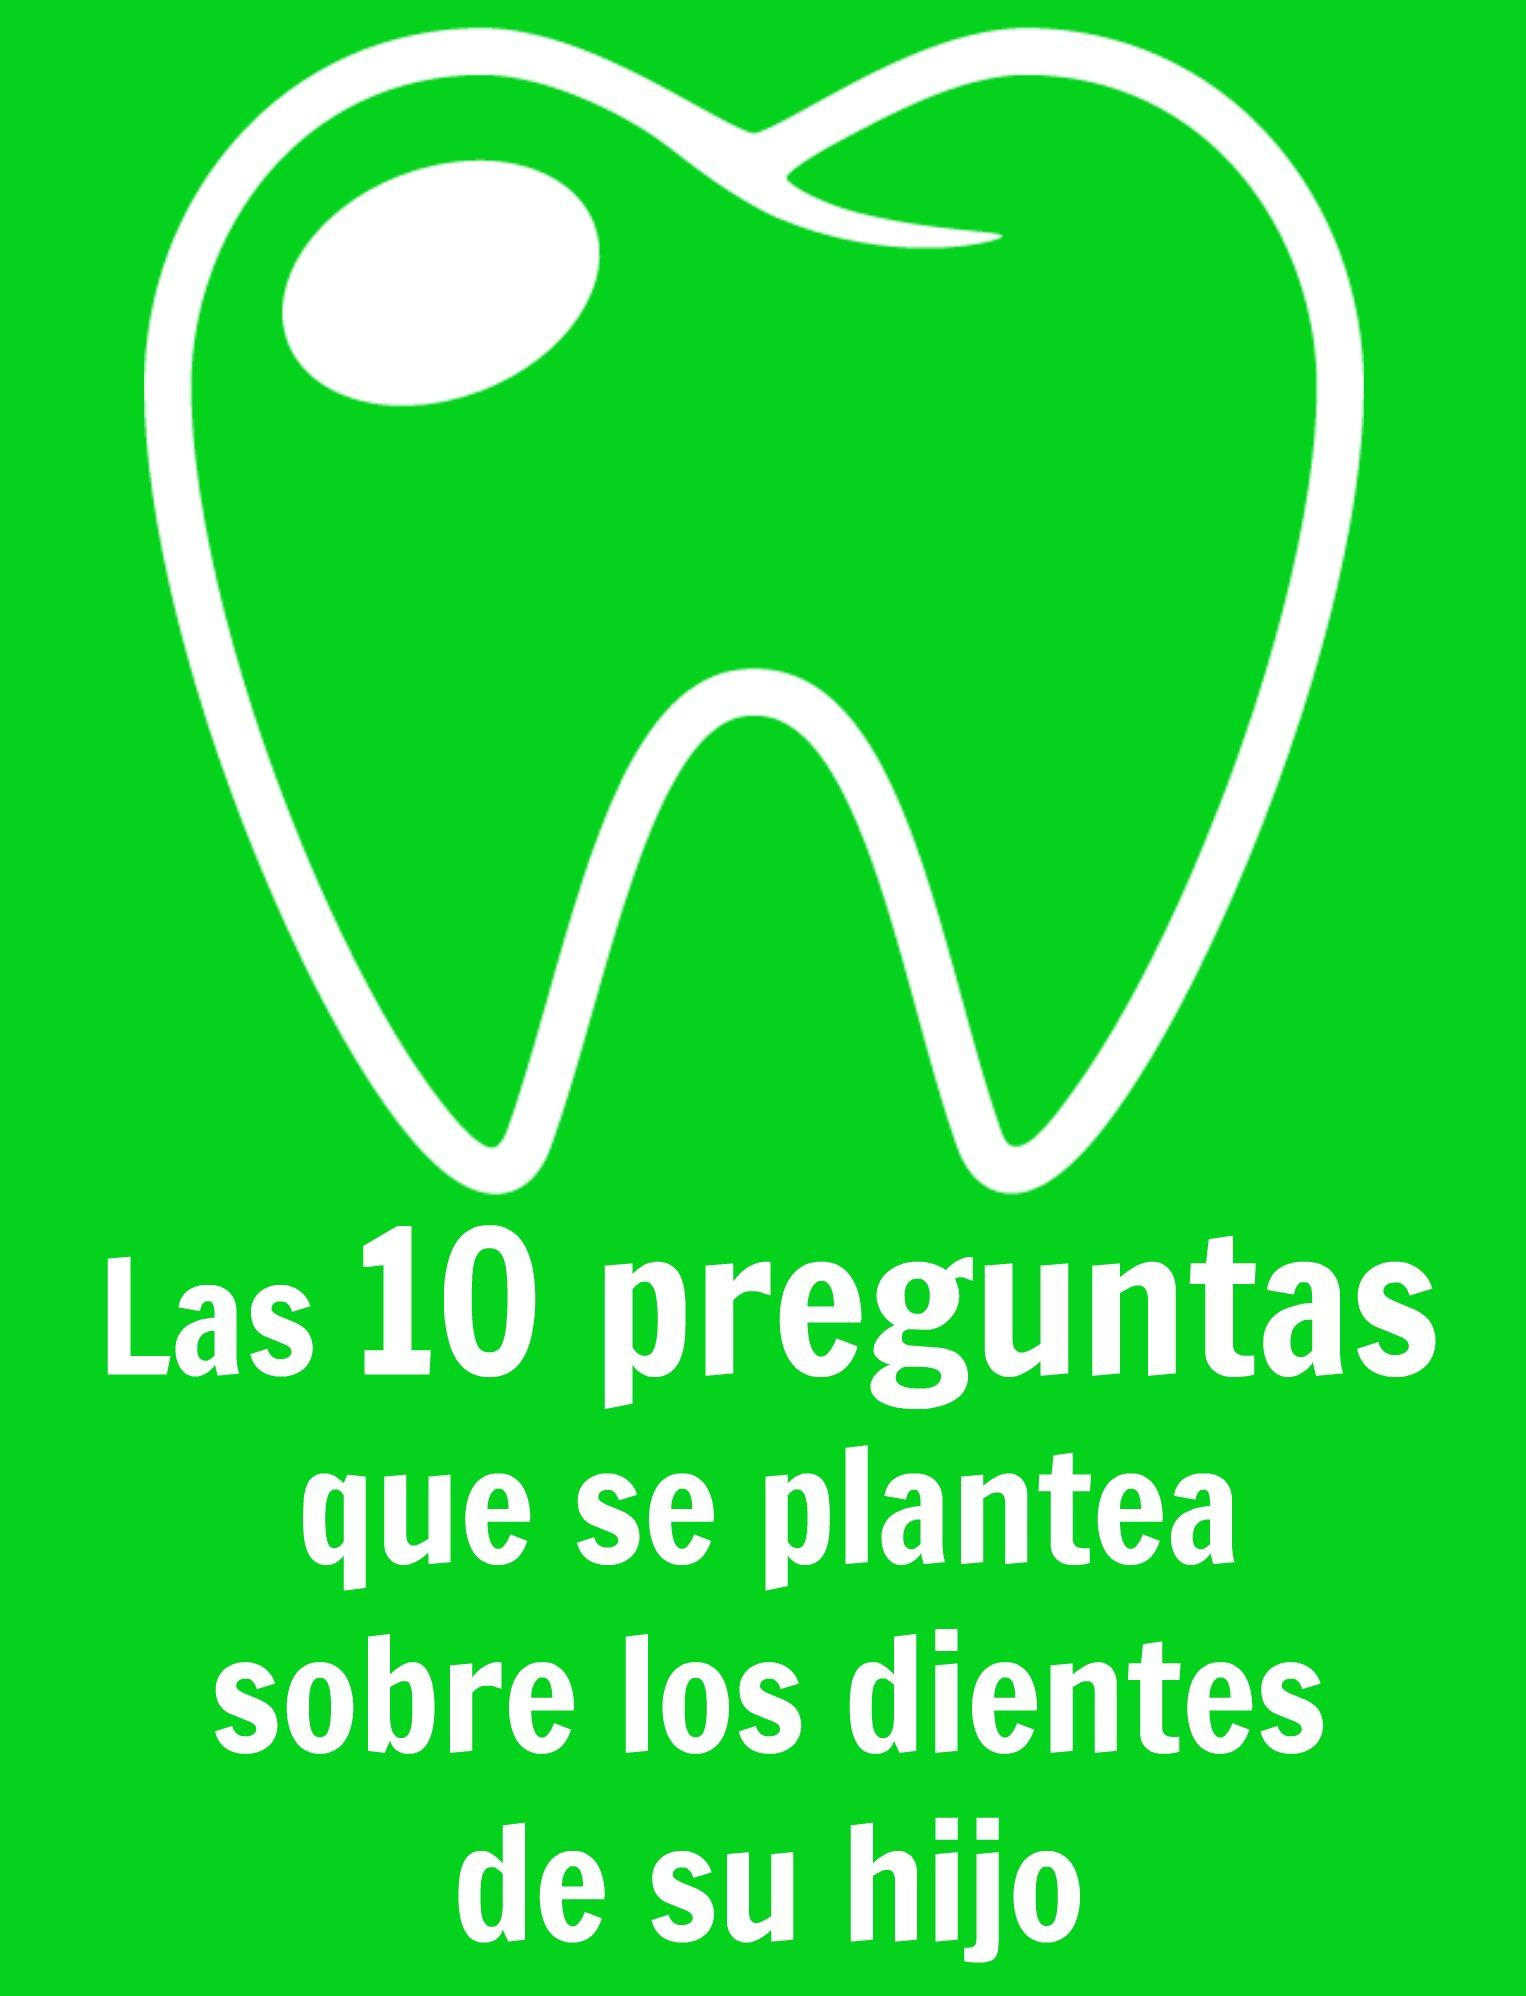 Las 10 preguntas sobre los dientes de los hijos